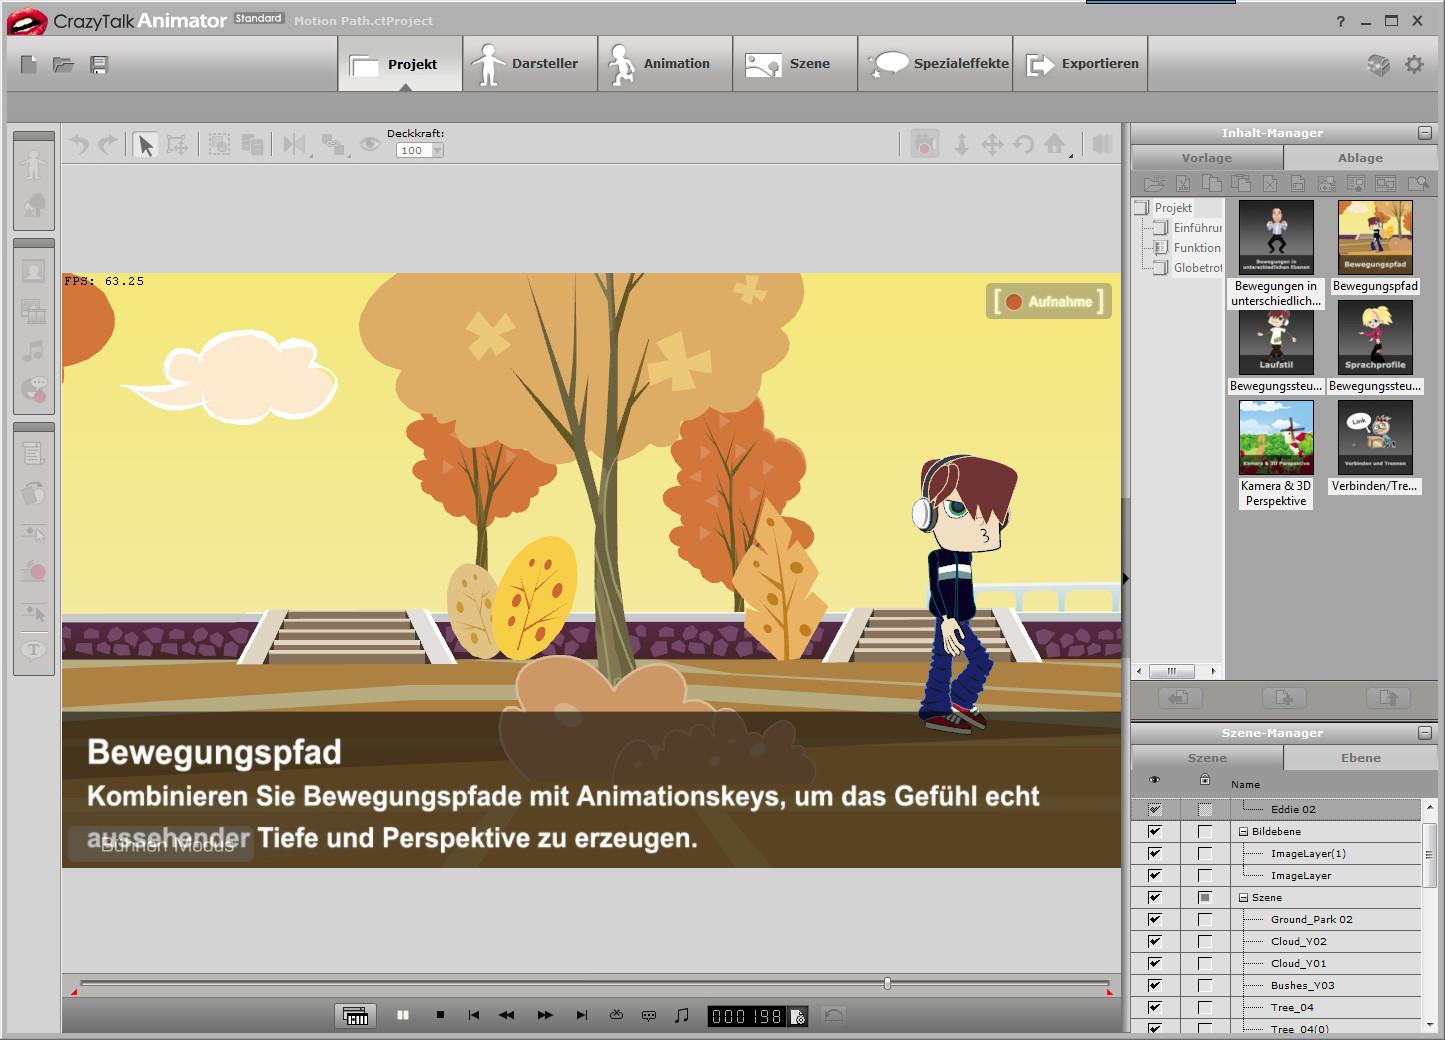 Screenshot 1 - CrazyTalk Animator – Kostenlose Vollversion